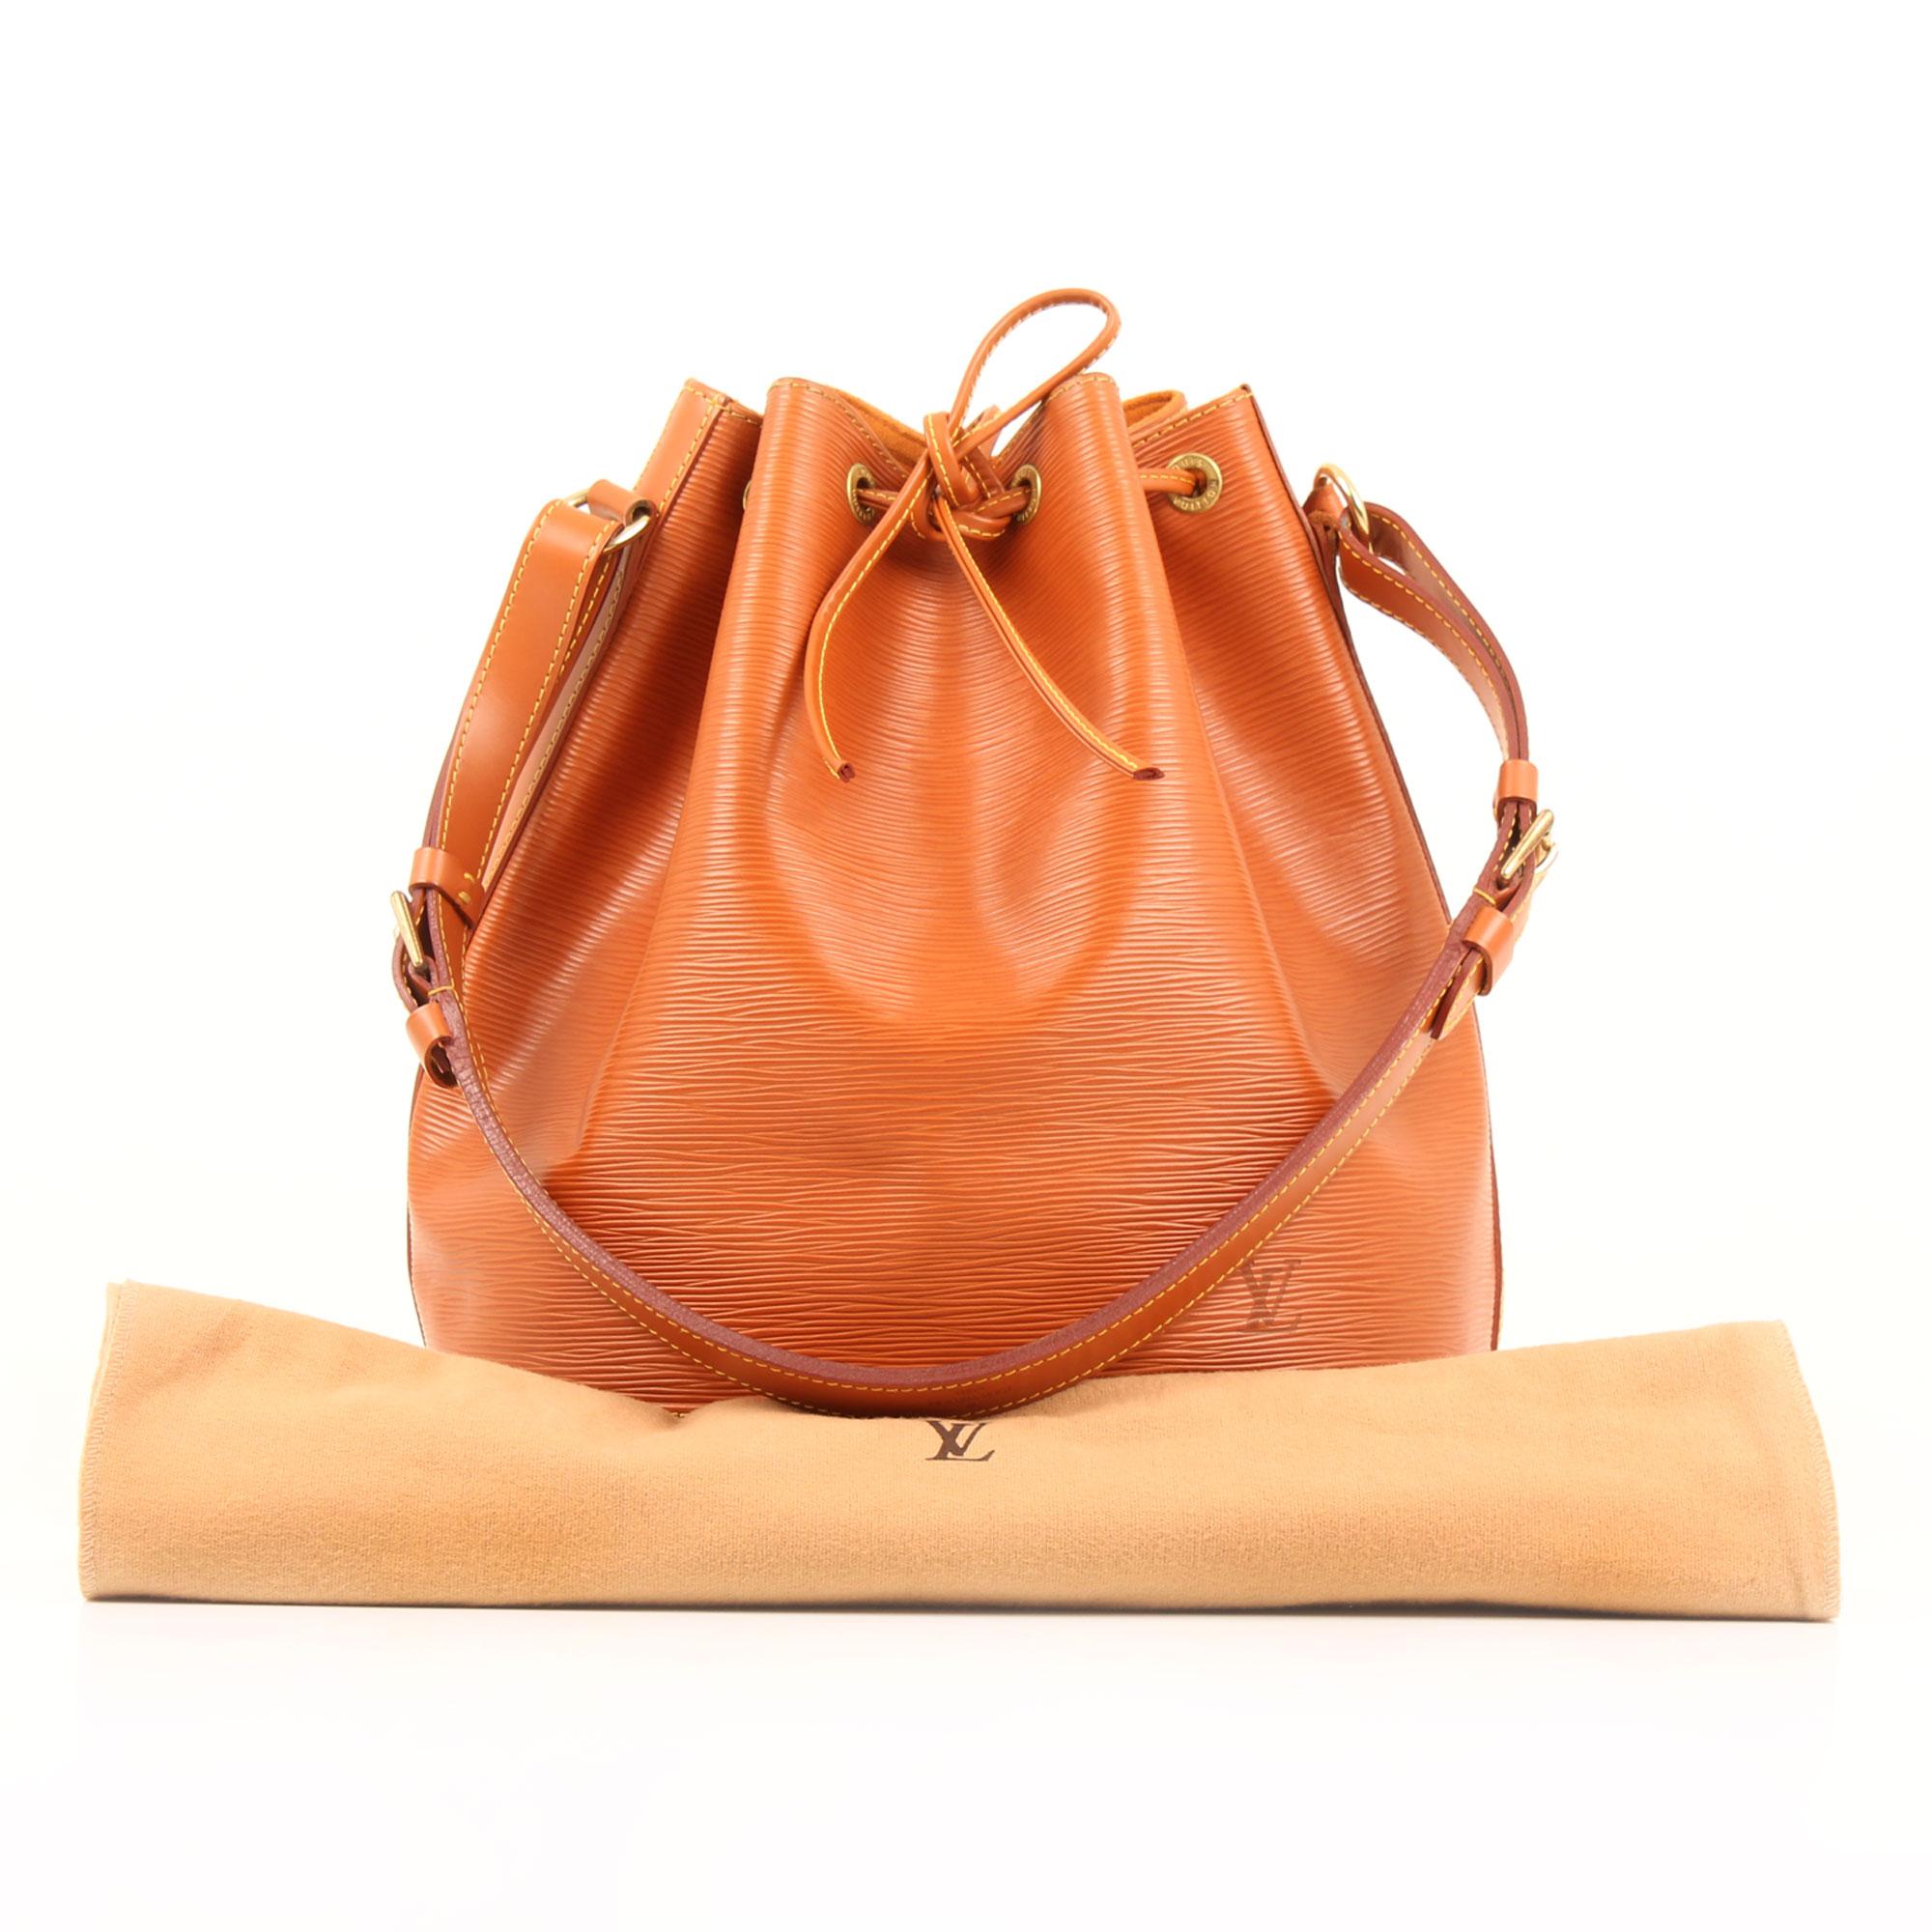 Imagen del dustbag del bolso louis vuitton noe piel epi marron